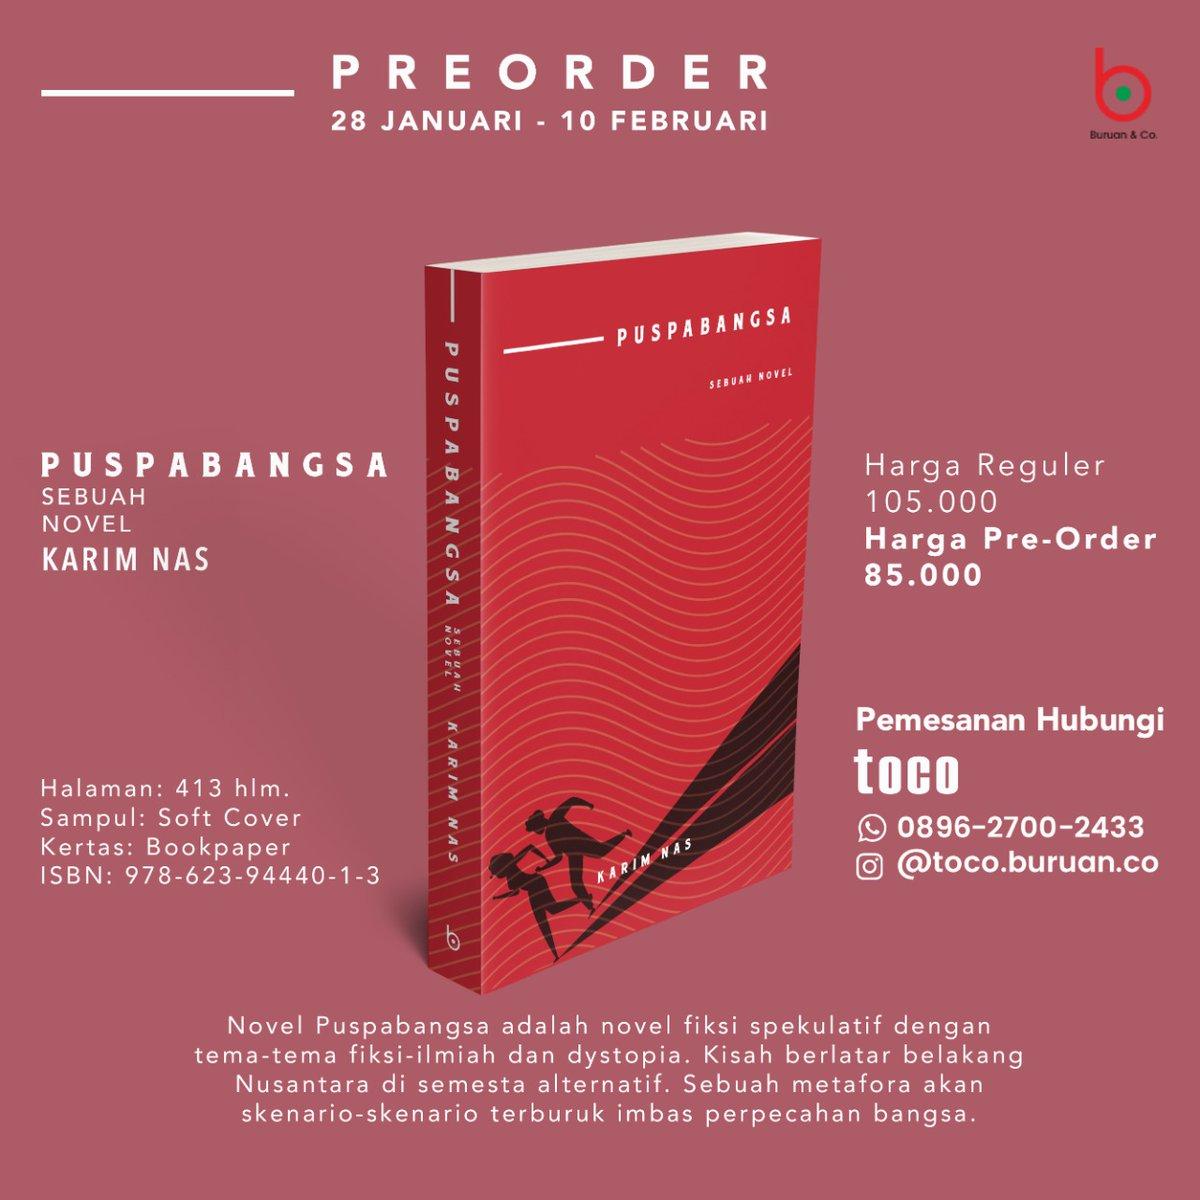 Alerta! Alerta! Novel Puspabangsa karya @karimnas_ sudah bisa mulai dipesan secara pre-order dengan harga istimewa. Silakan klik link berikut ini untuk pemesanan:  #novel #fiksi #puspabangsa